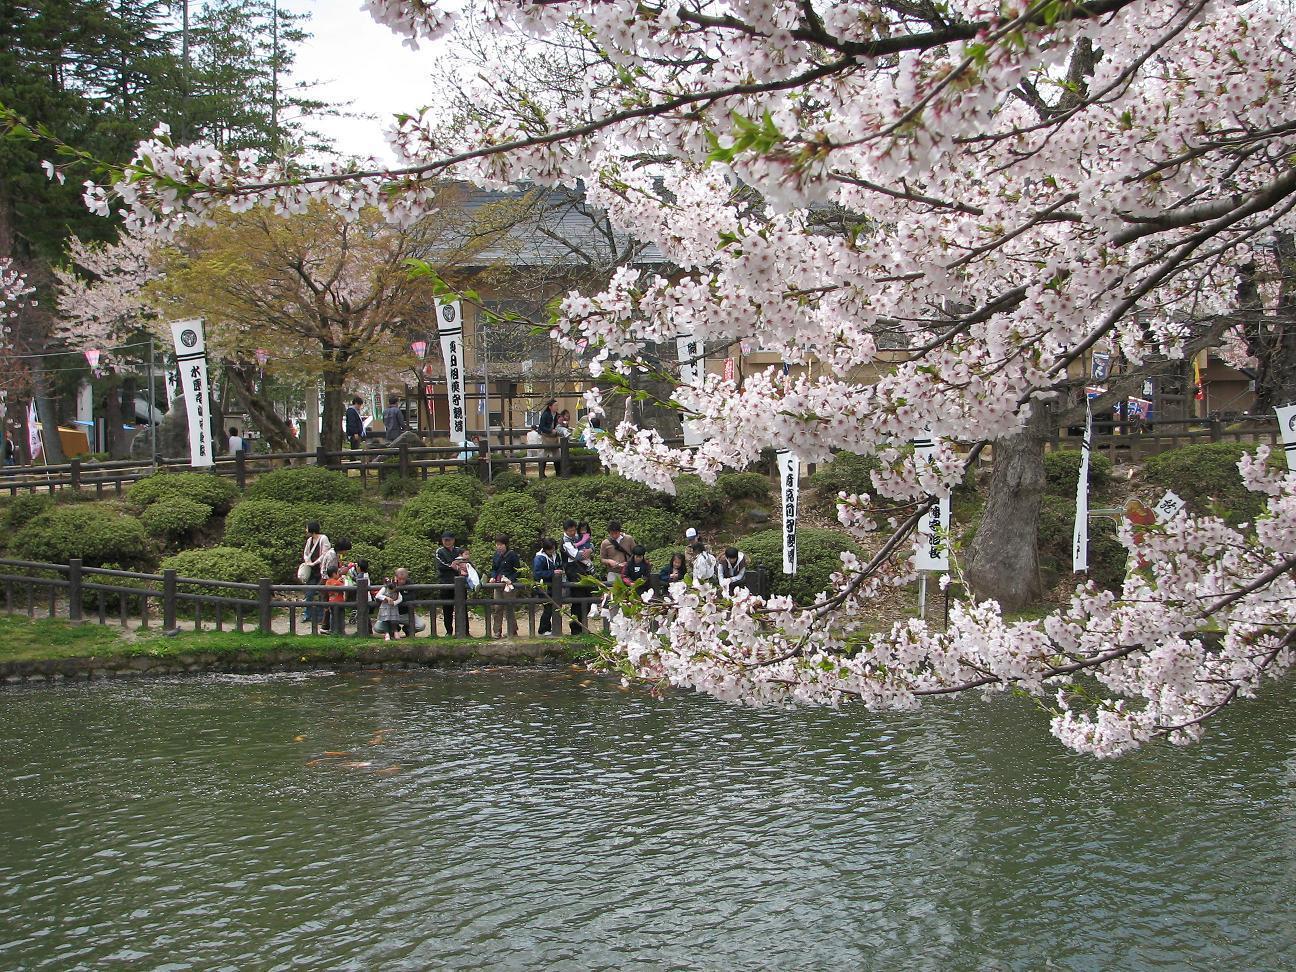 散る桜、残る桜も、散る桜_c0075701_18172430.jpg